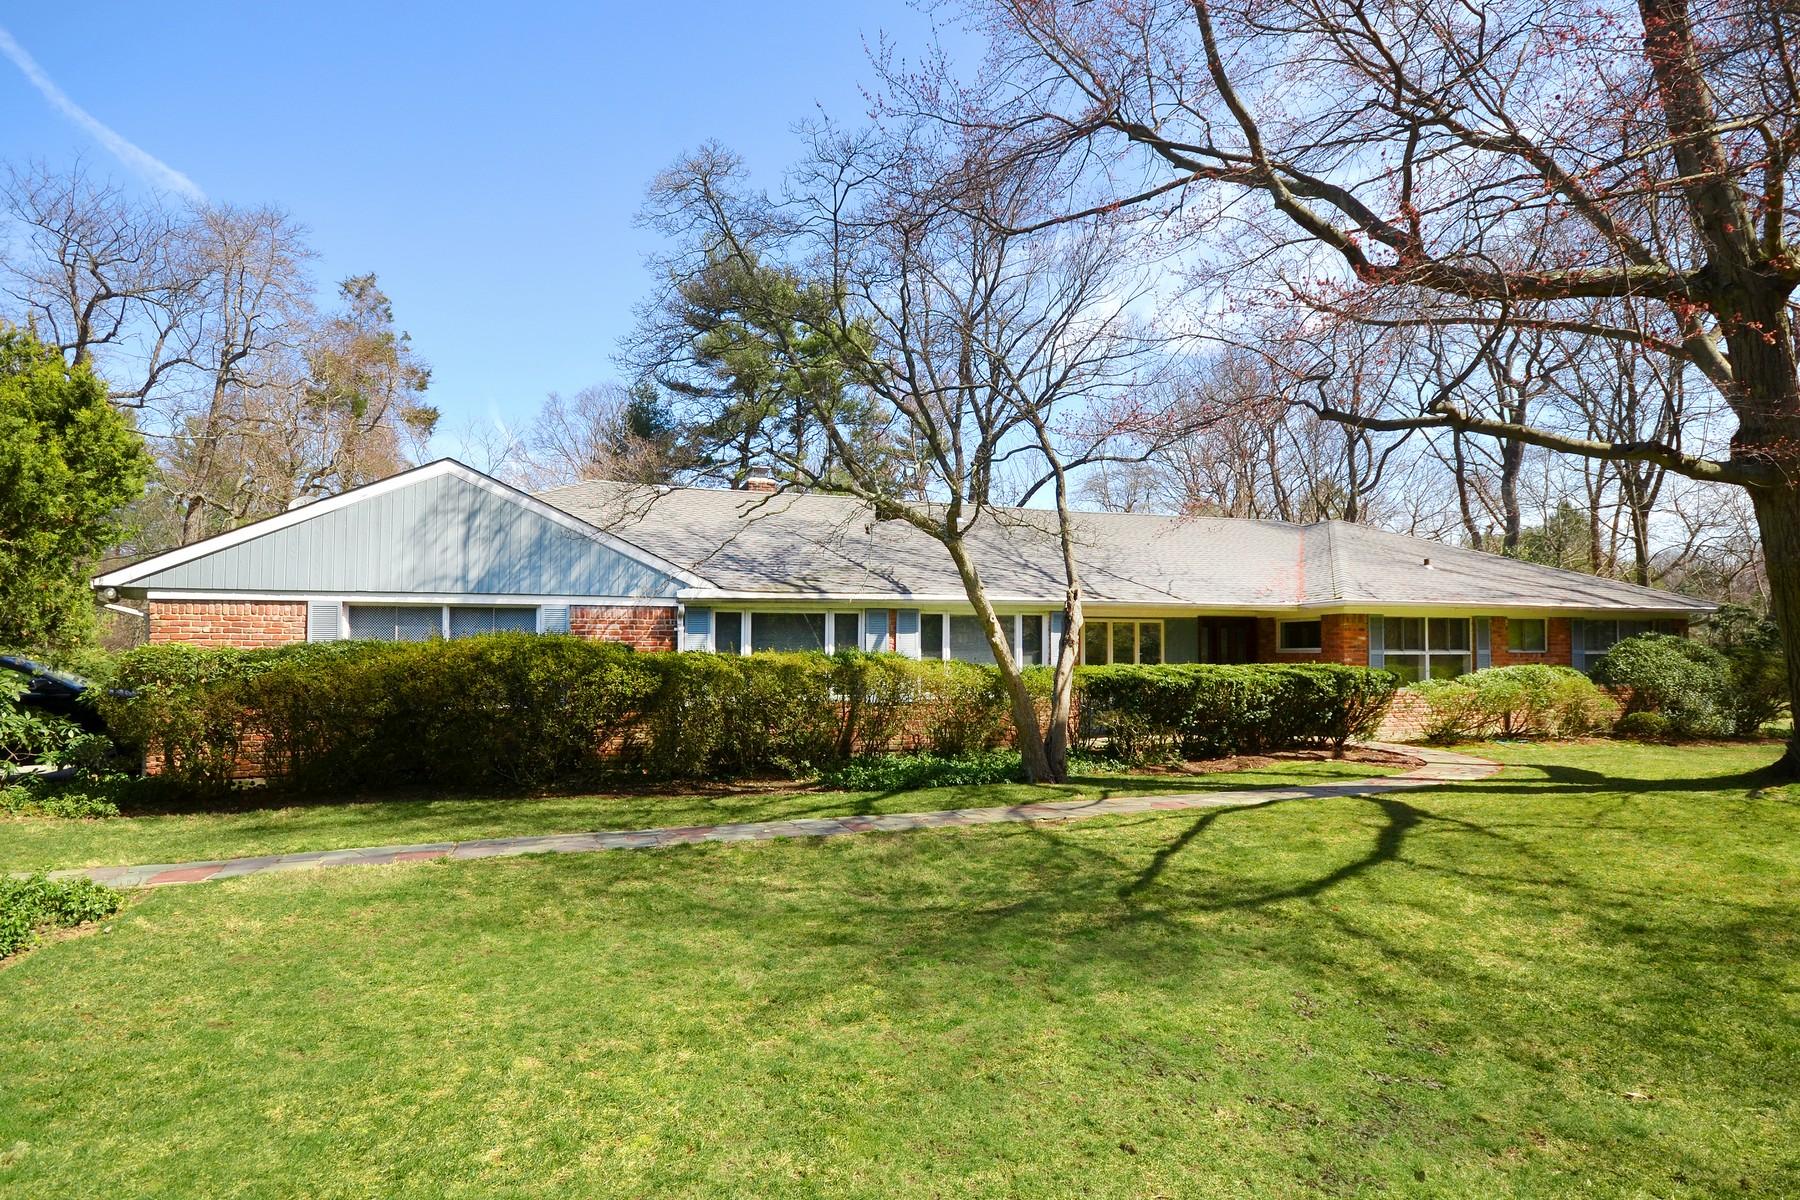 Maison unifamiliale pour l Vente à Ranch 3 Bridle Ln Sands Point, New York, 11050 États-Unis